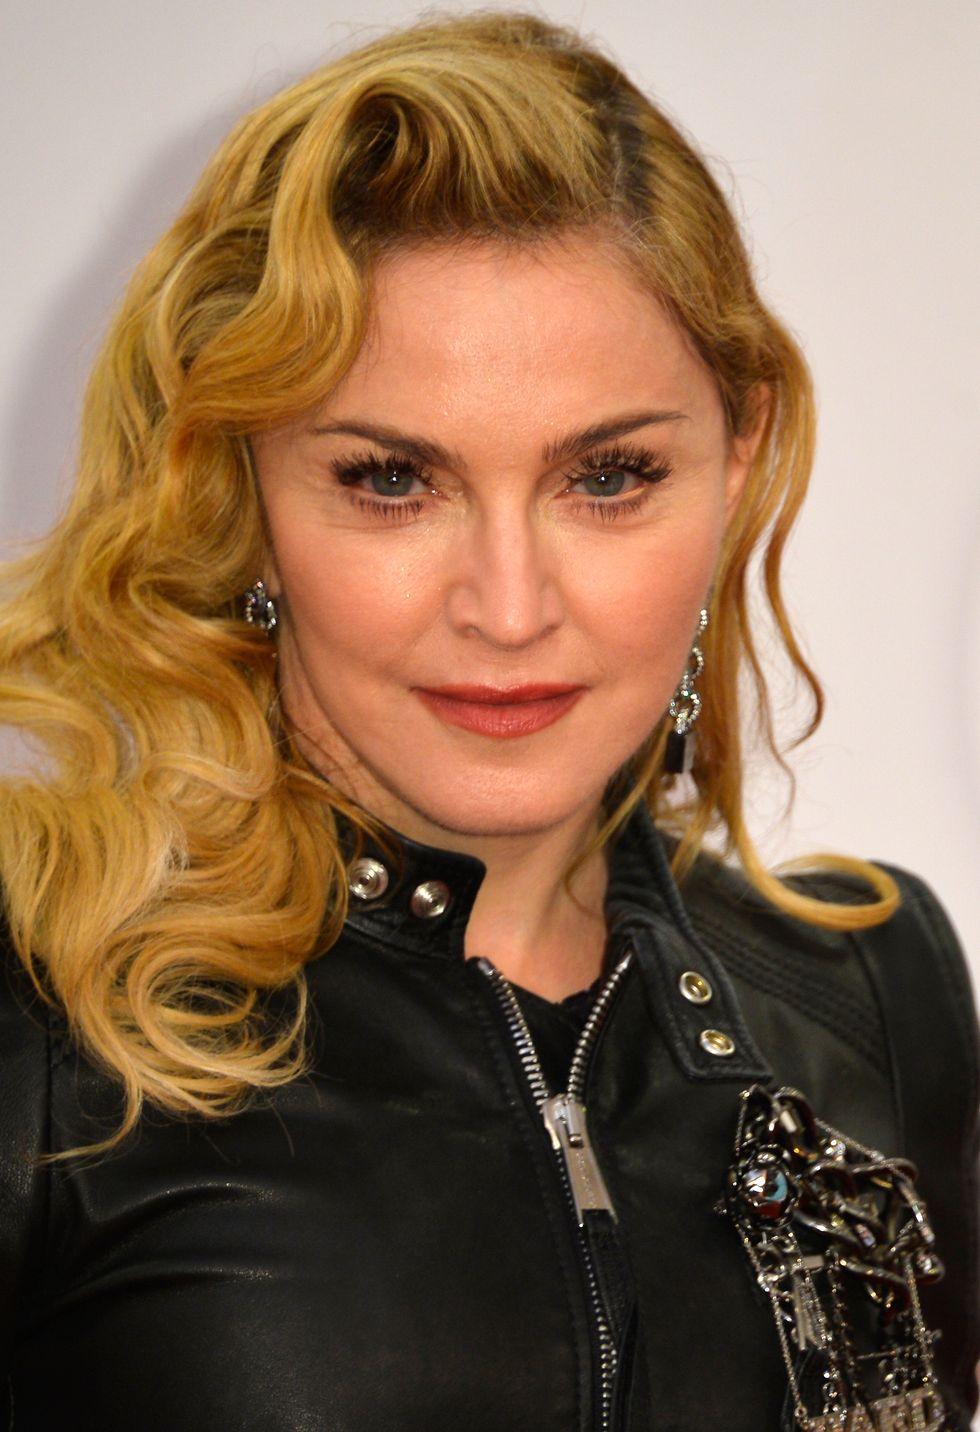 Madonna lascia il toy boy per tornare con Sean Penn?